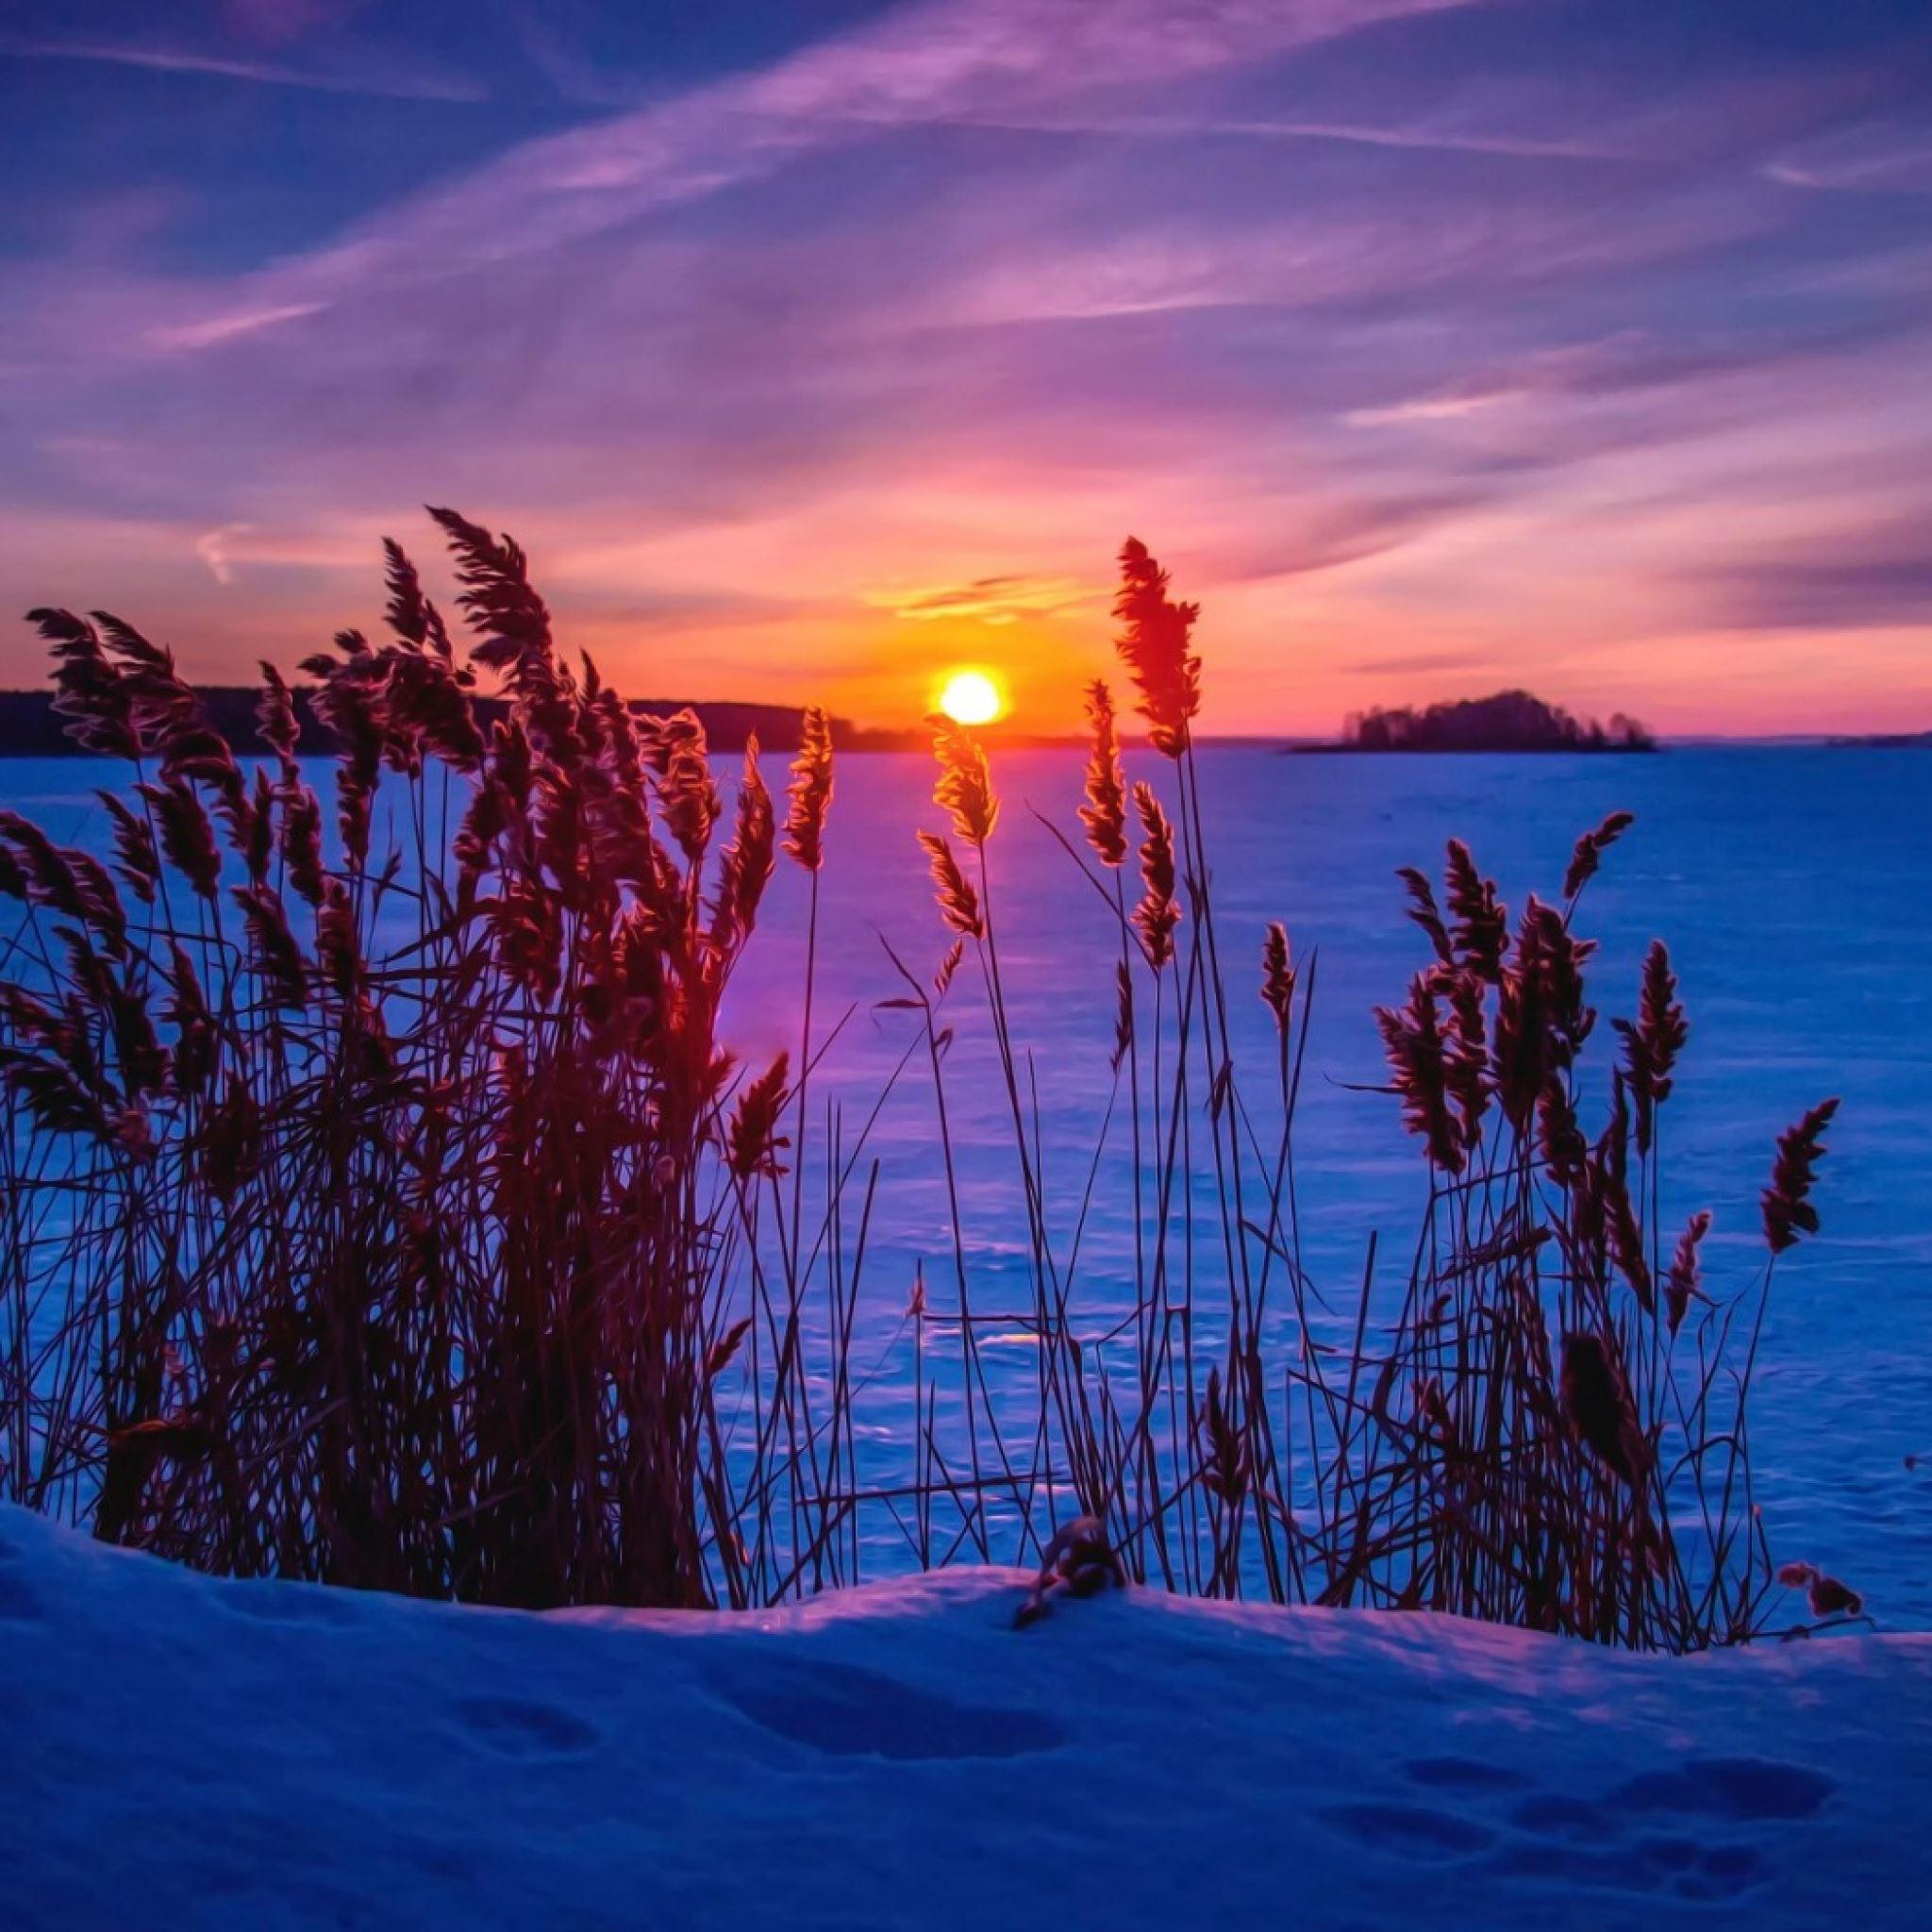 Winter sunset snow grass iPad Air wallpaper